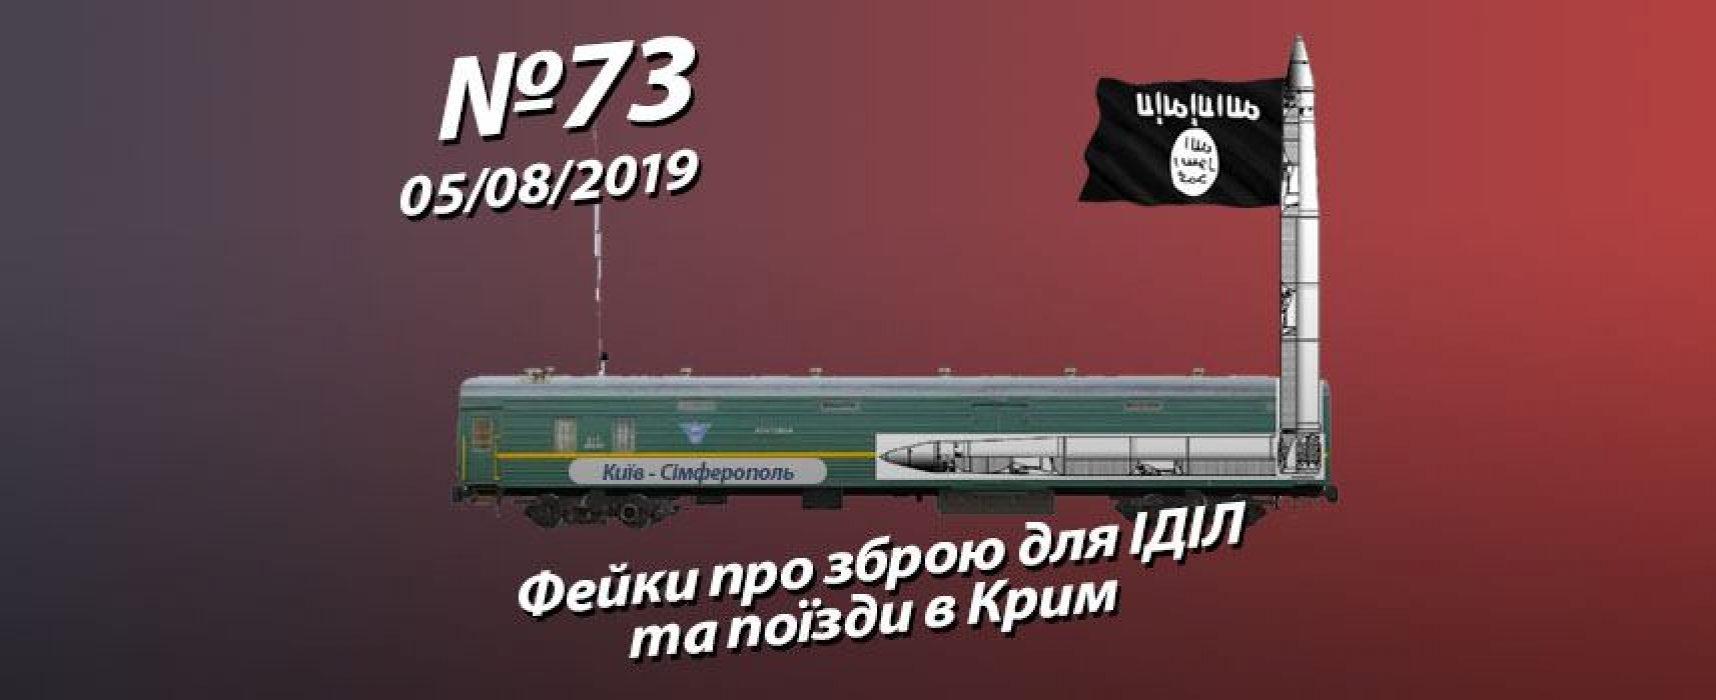 Фейки про зброю для ІДІЛ та поїзди в Крим – StopFake.org